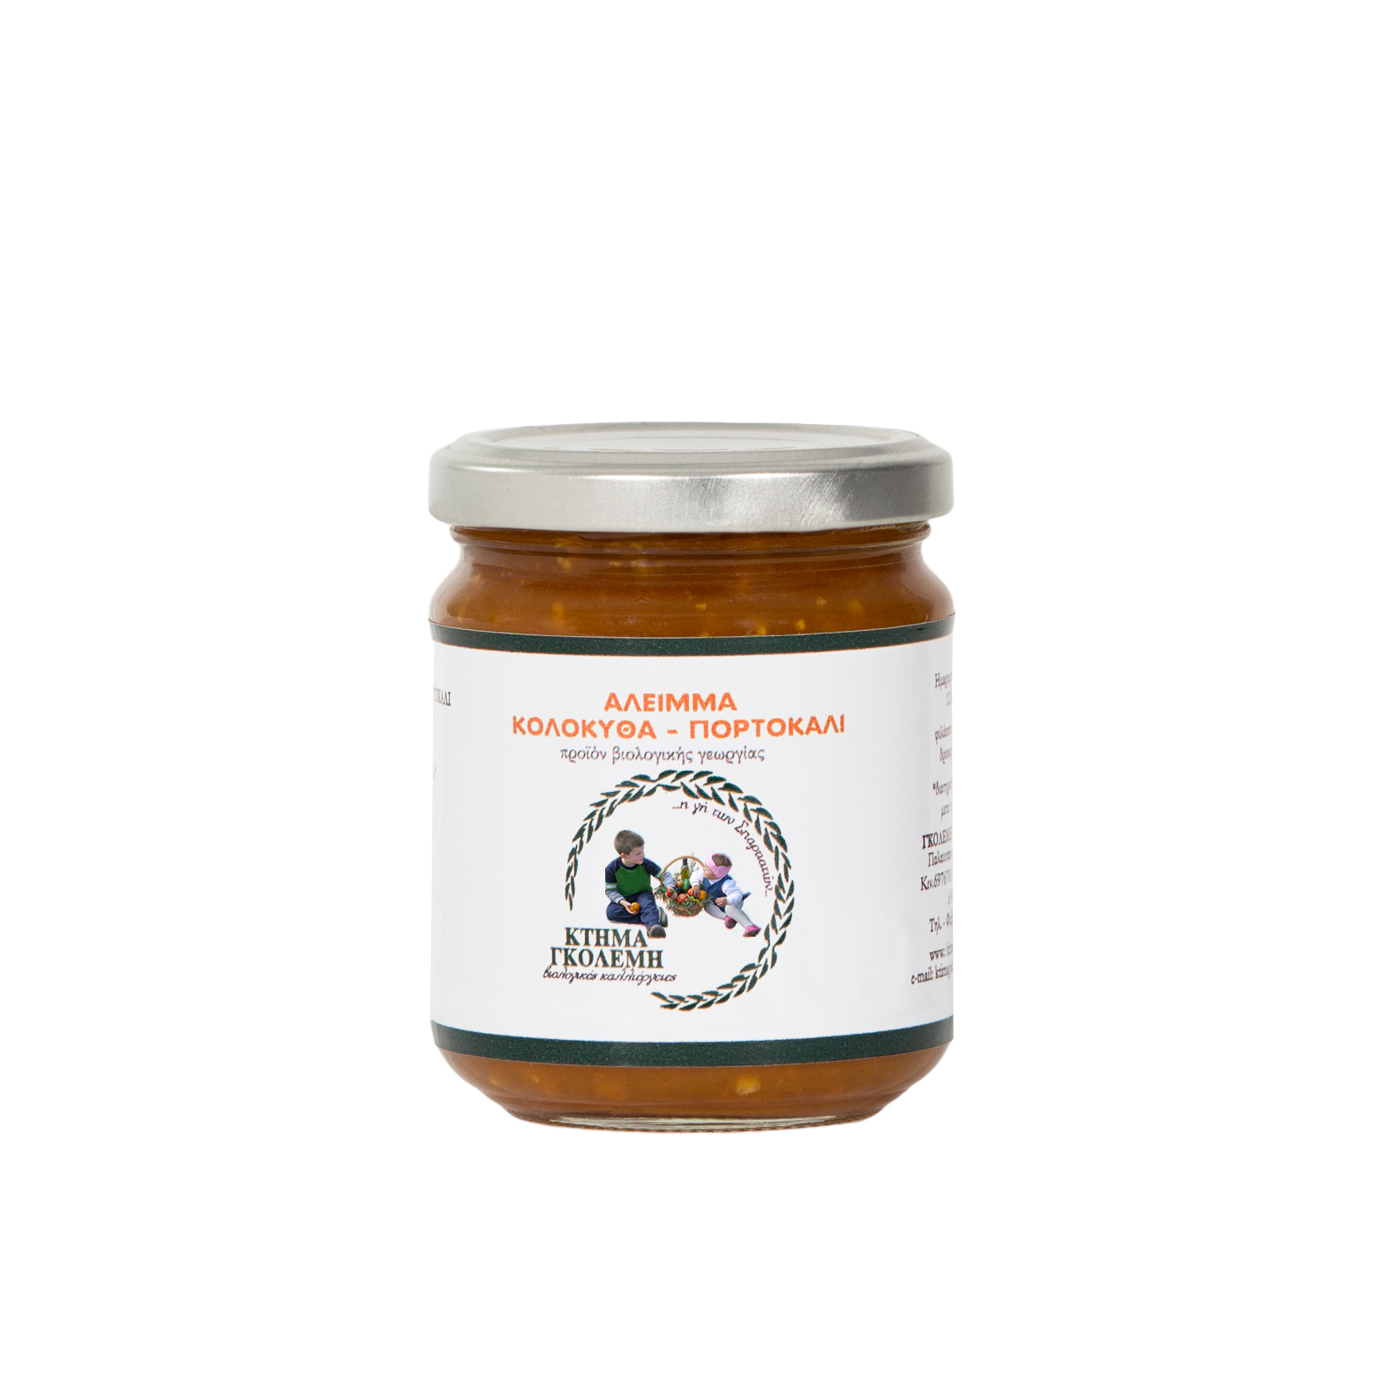 Άλειμμα Κολοκύθα-Πορτοκάλι